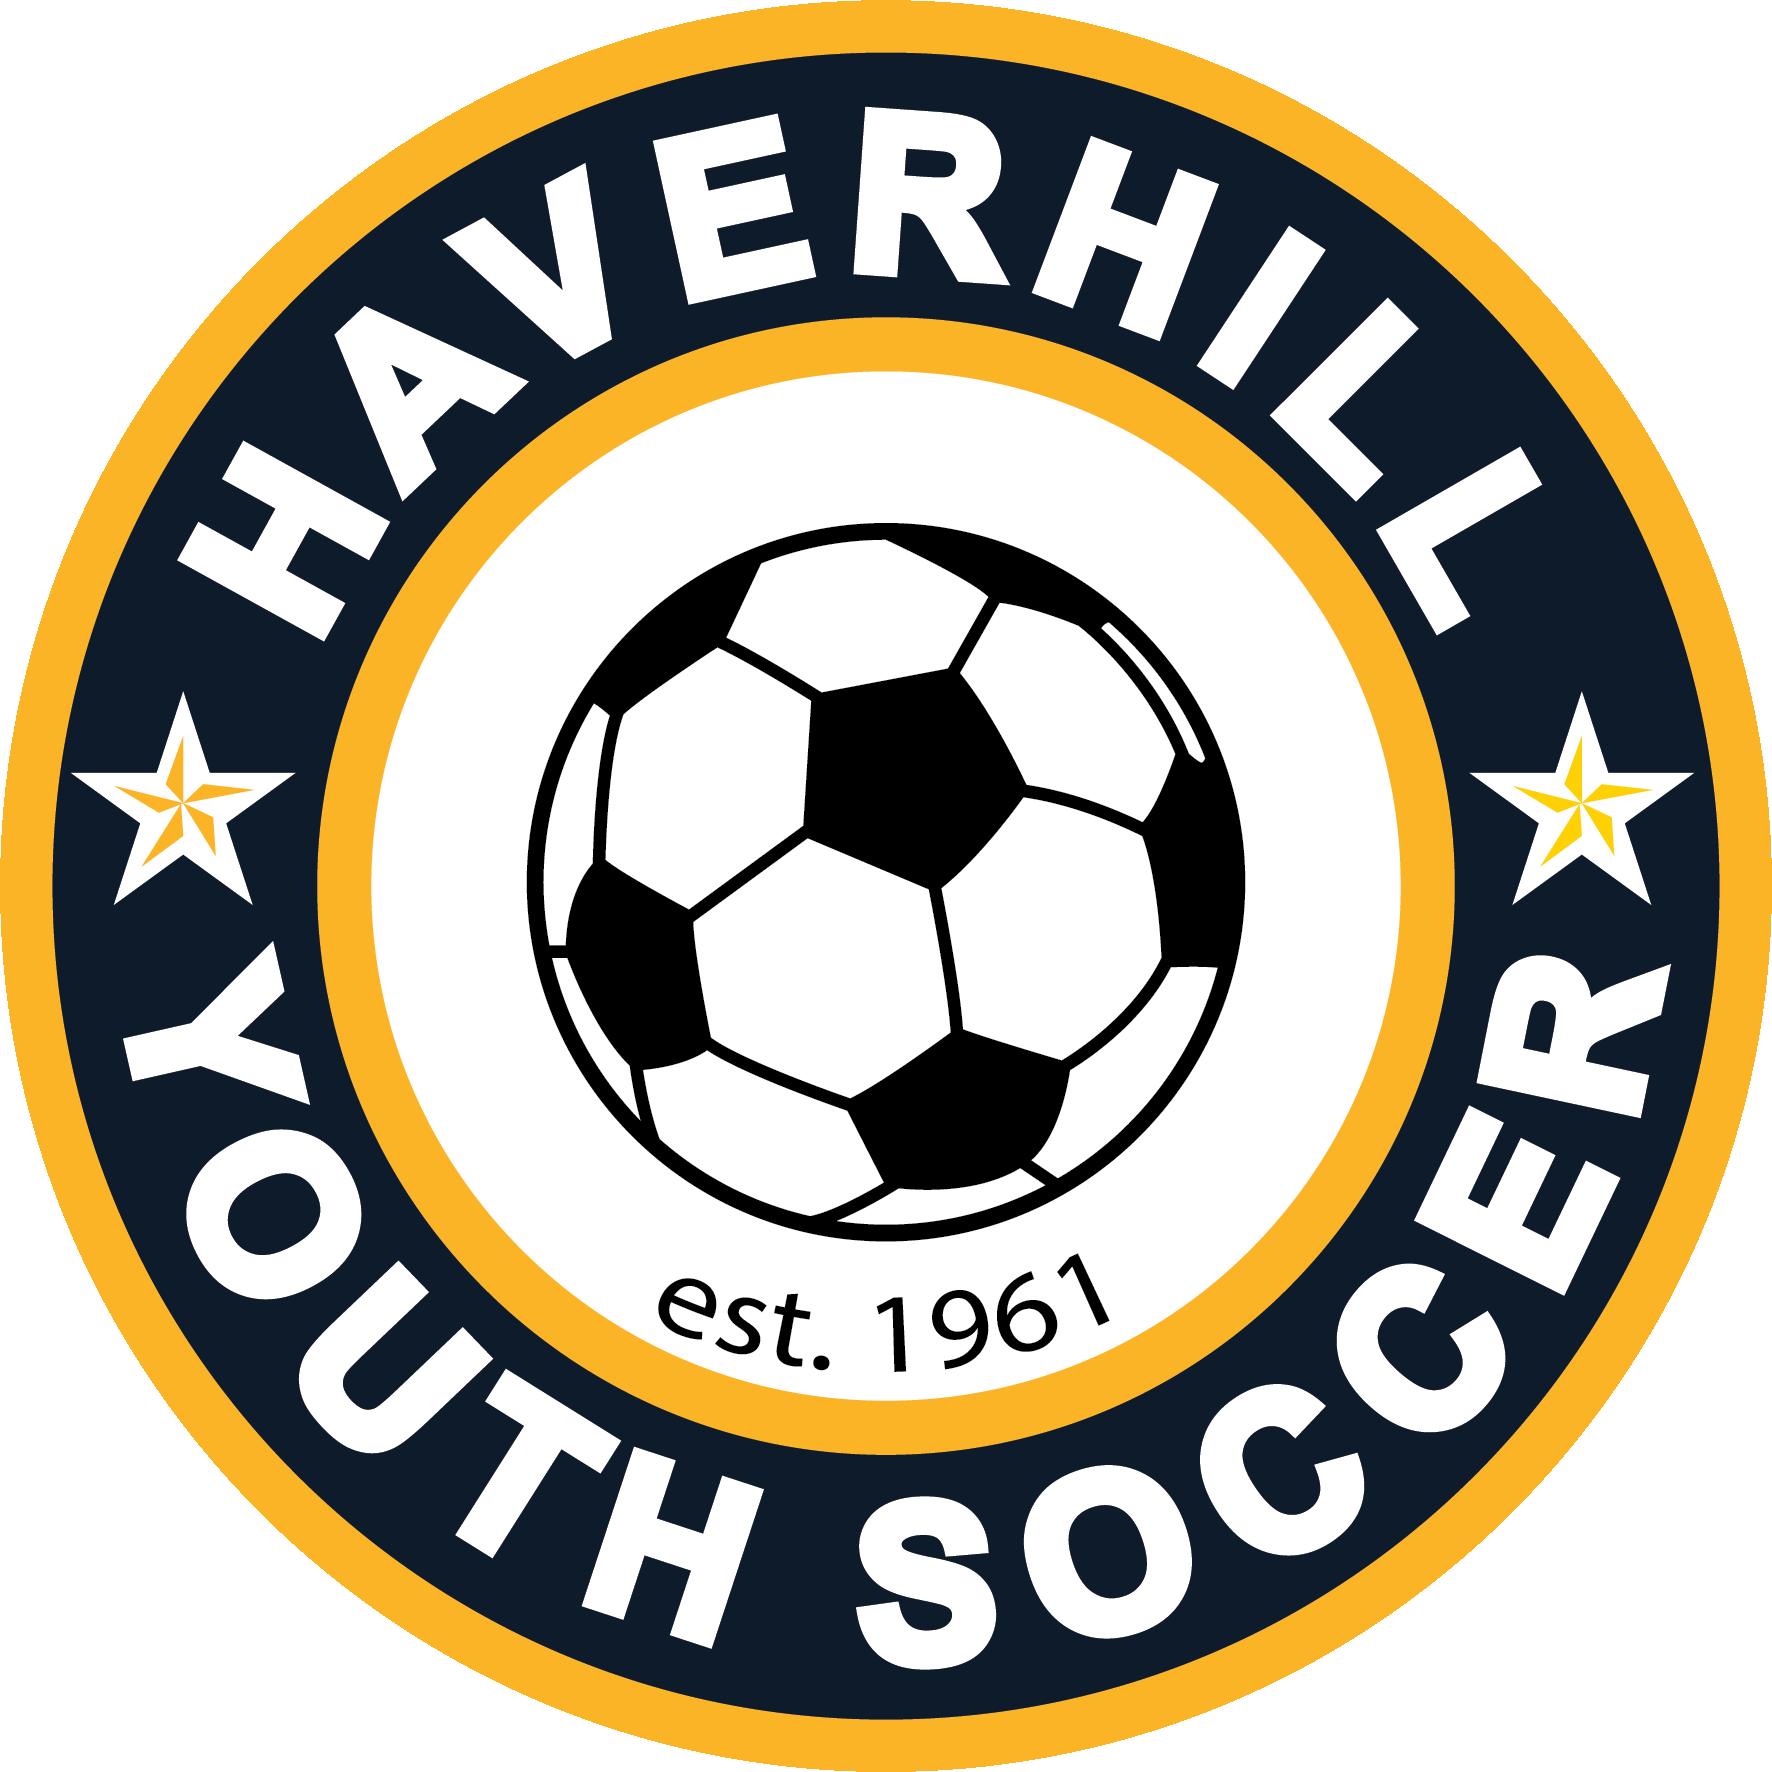 haverhillsoccer header logo2